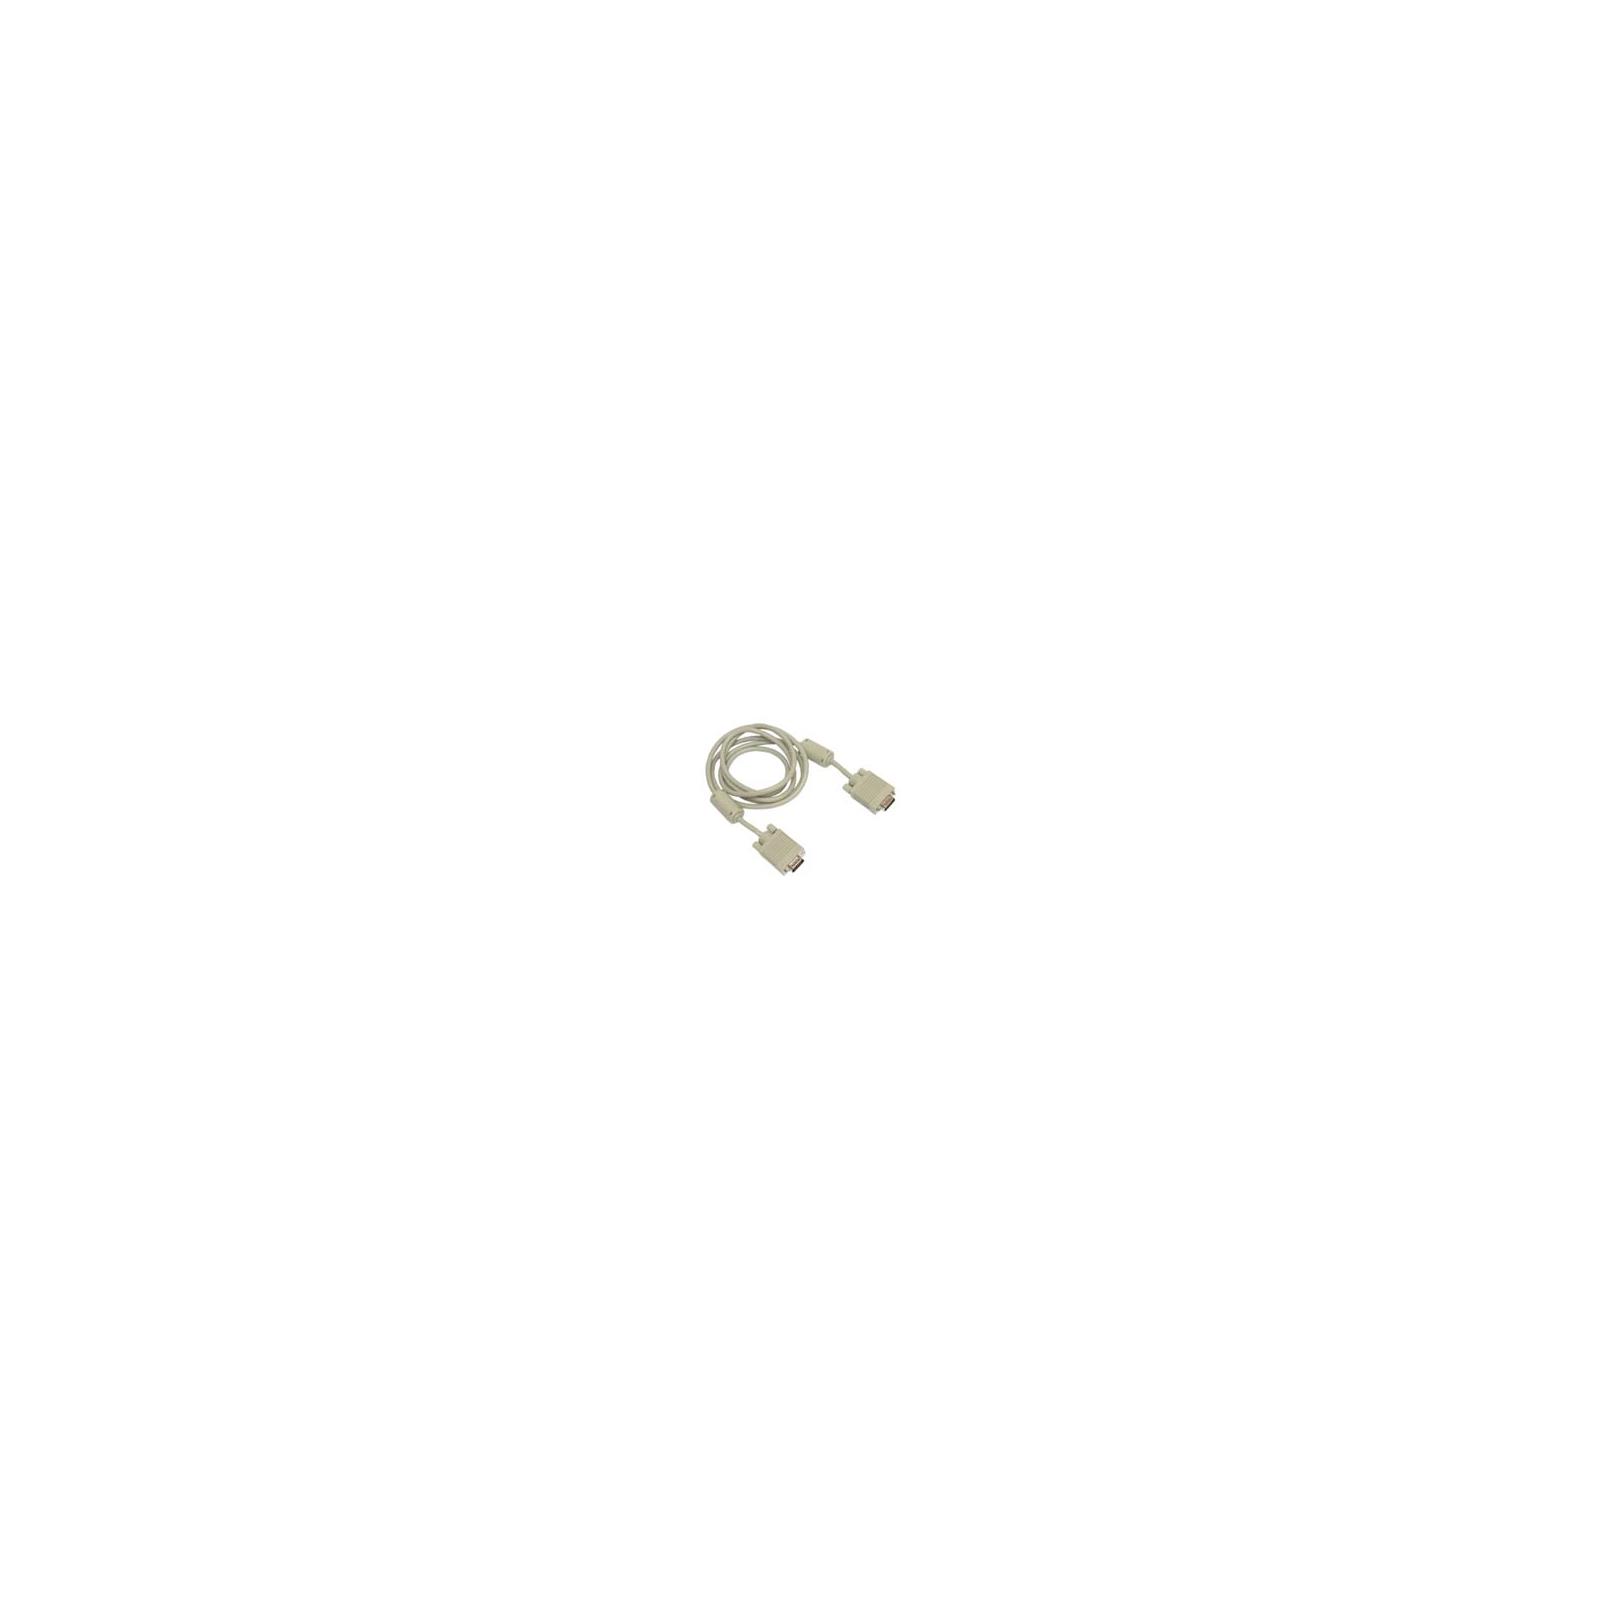 Кабель мультимедийный VGA 3.0m Cablexpert (CC-PPVGA-10)